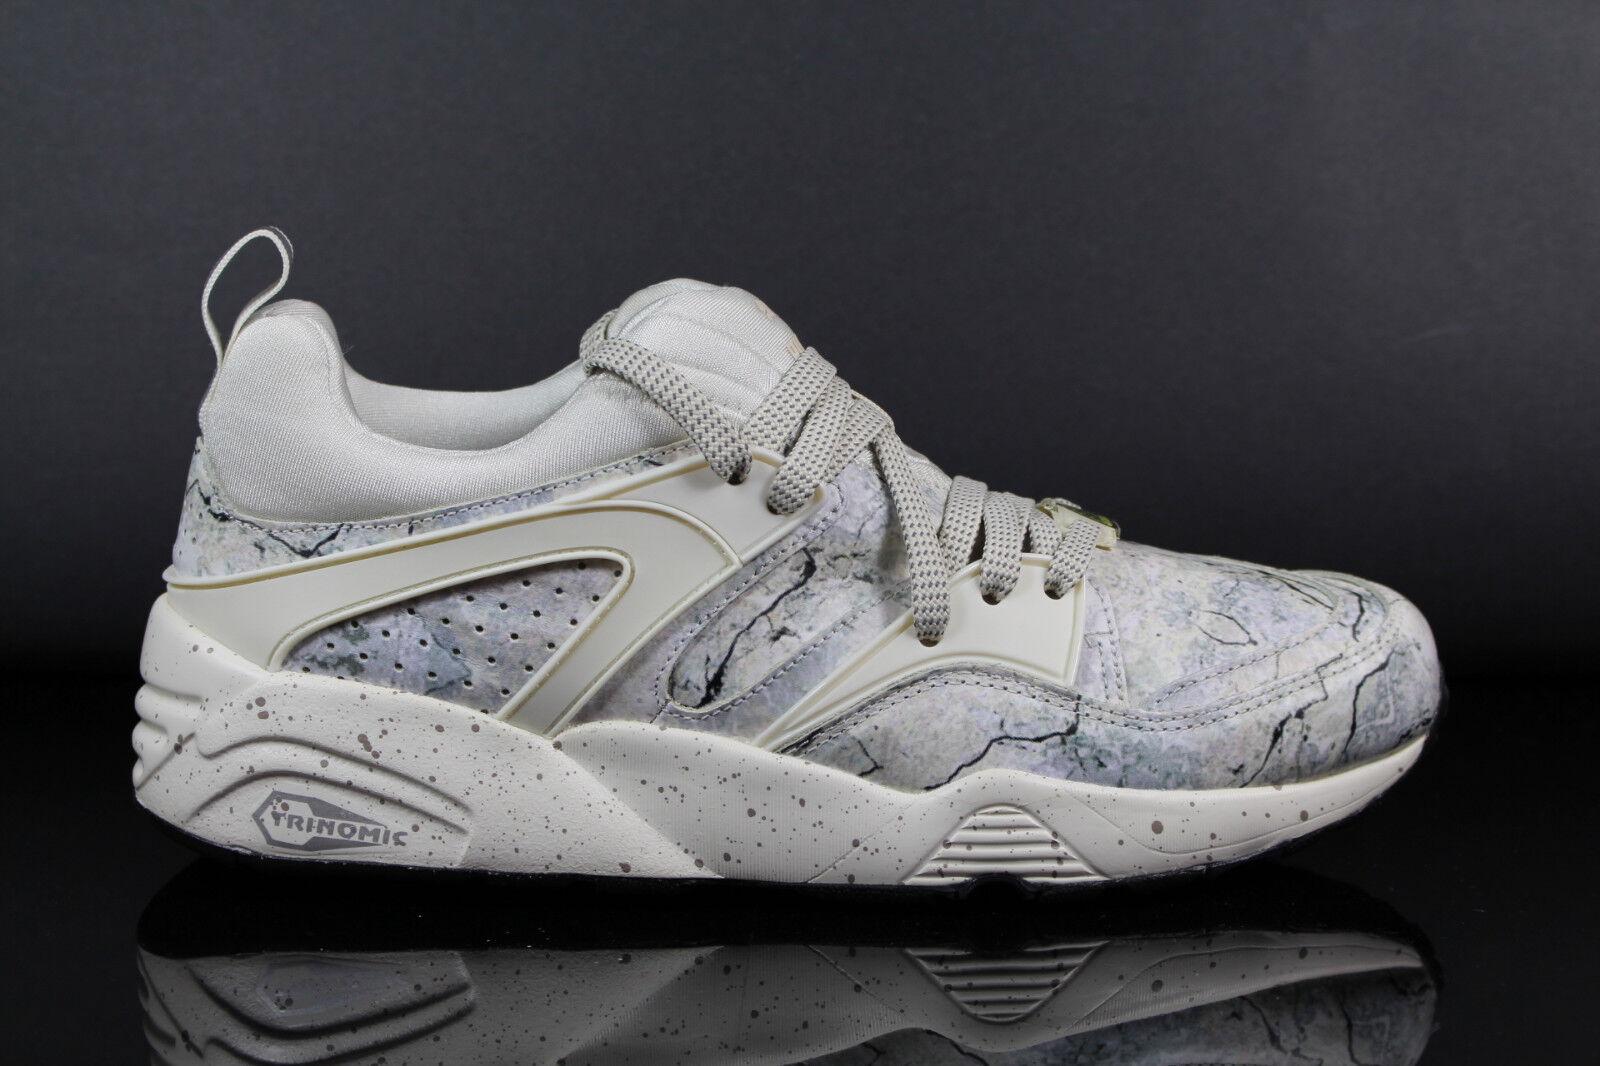 NUOVO Puma Blaze of Glory Roxx Uomo Sneaker-Scarpe Sportive Scarpe-OFFERTA SPECIALE Scarpe classiche da uomo